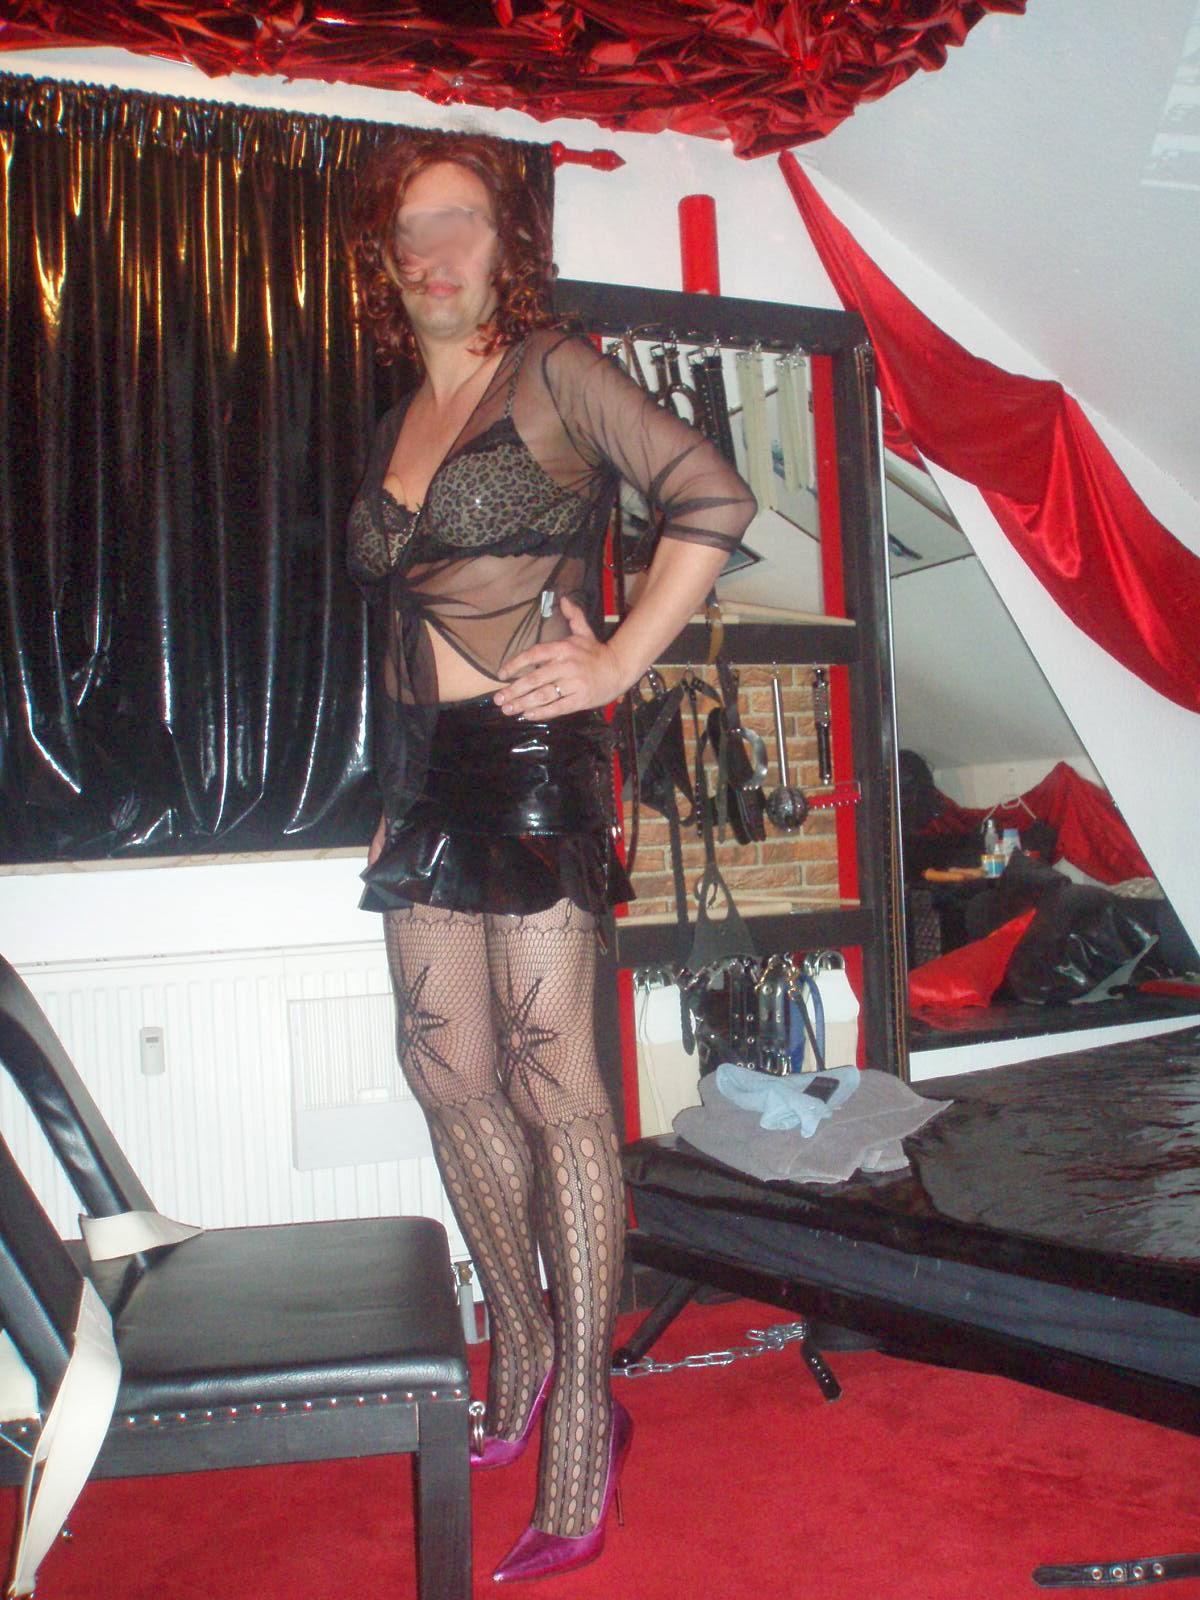 köln swingerclub fetisch stuhl